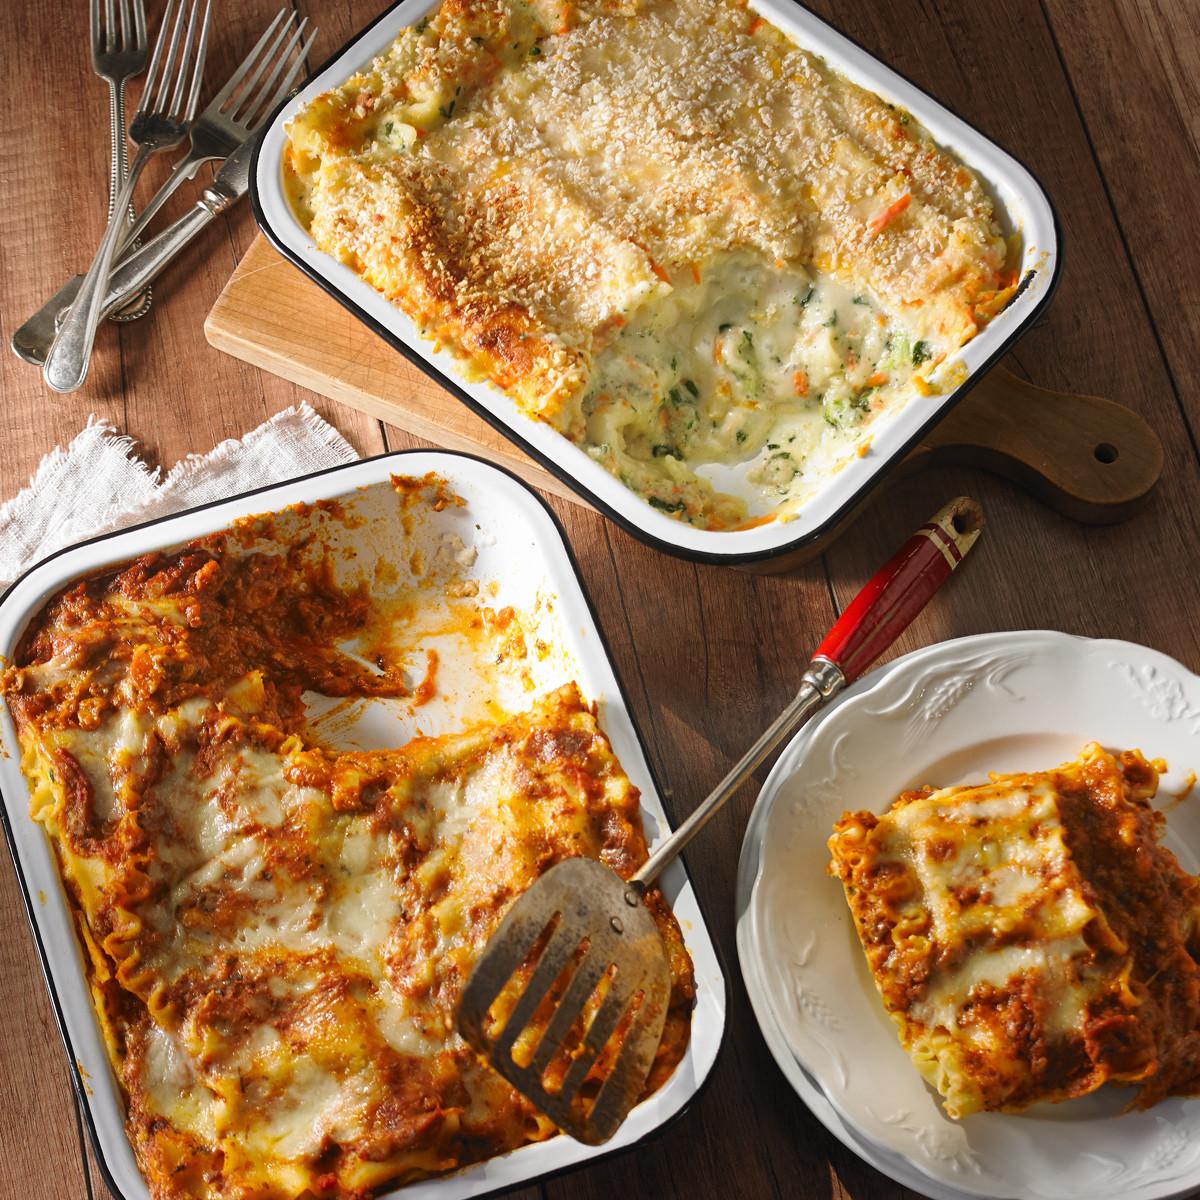 Hot Lasagna